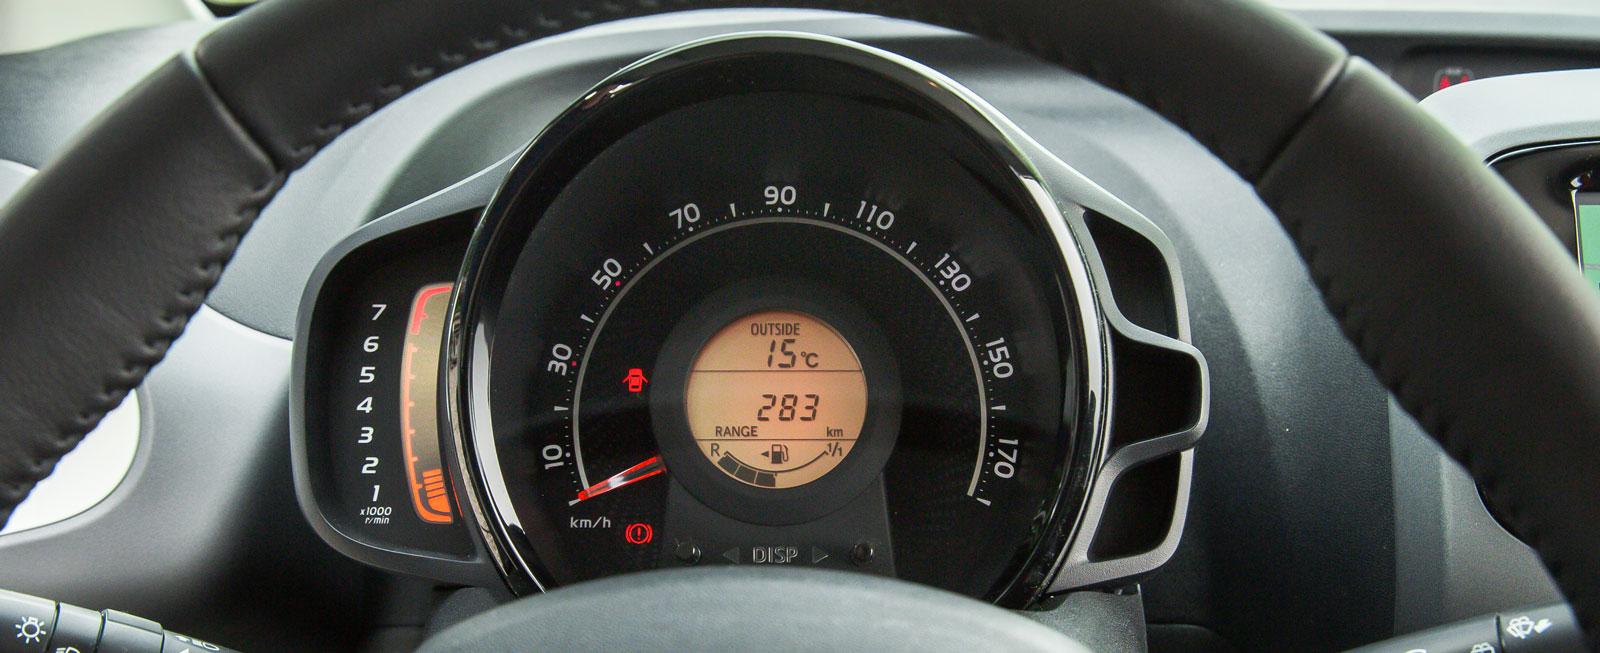 Toyotas instrumentering är kompakt, men fungerar helt okej. Stapeln till vänster är varvräknaren och i den gula rundeln i mitten av hastighetsmätaren visas informationen från färddatorn.